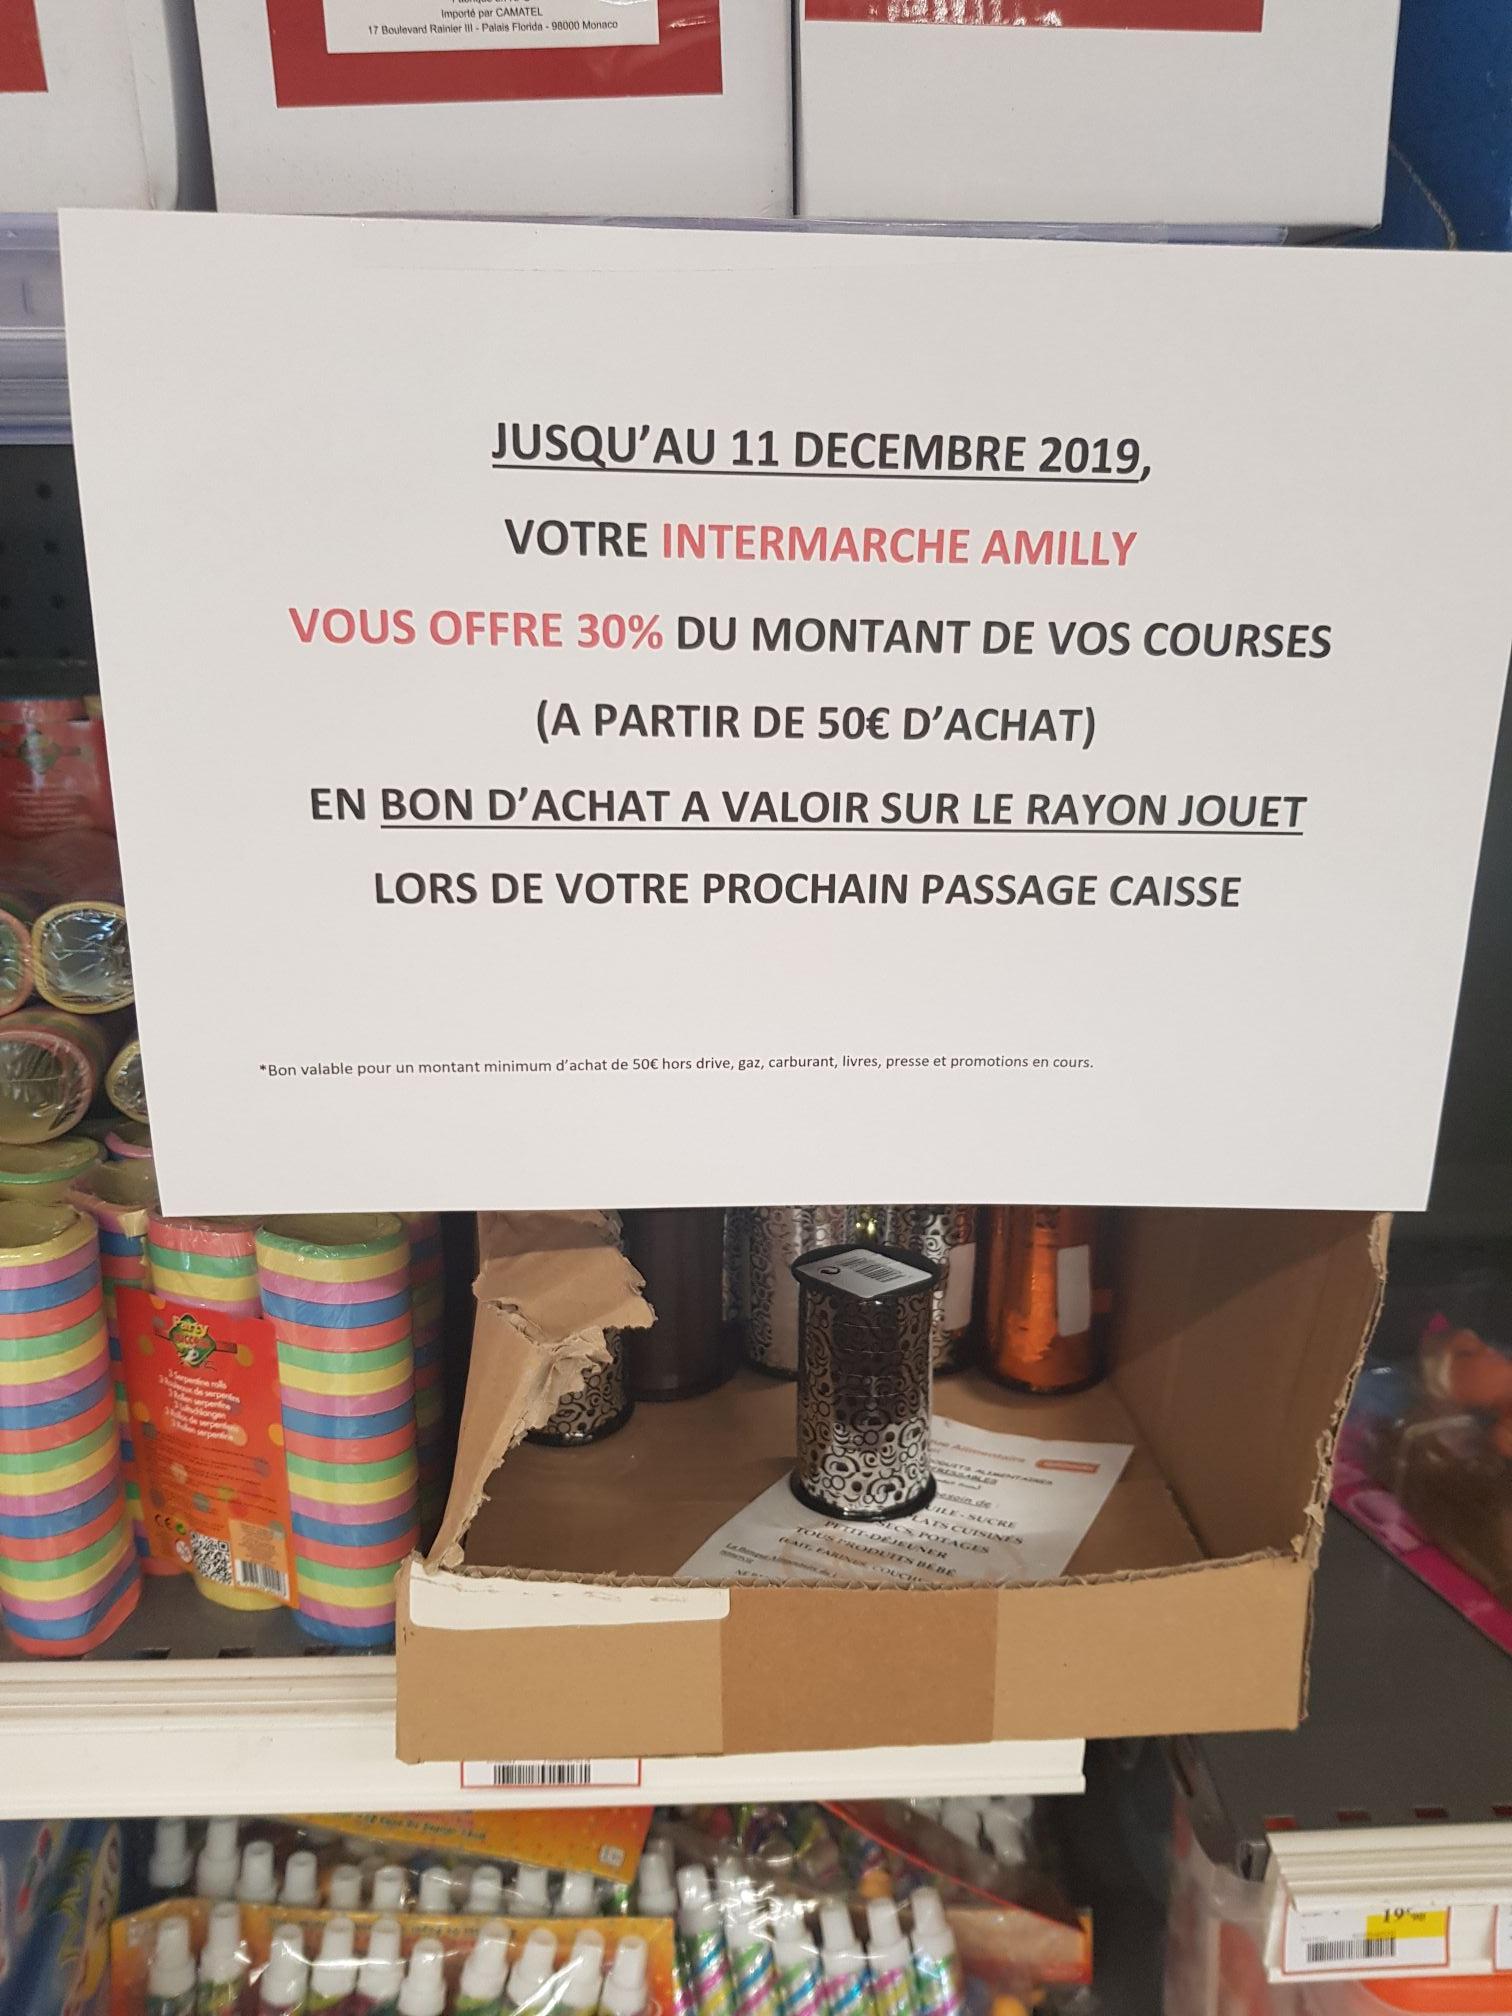 30% du montant de vos courses en bon d'achat de 50€ minimum à valoir sur le rayon Jouet (Amilly 45)